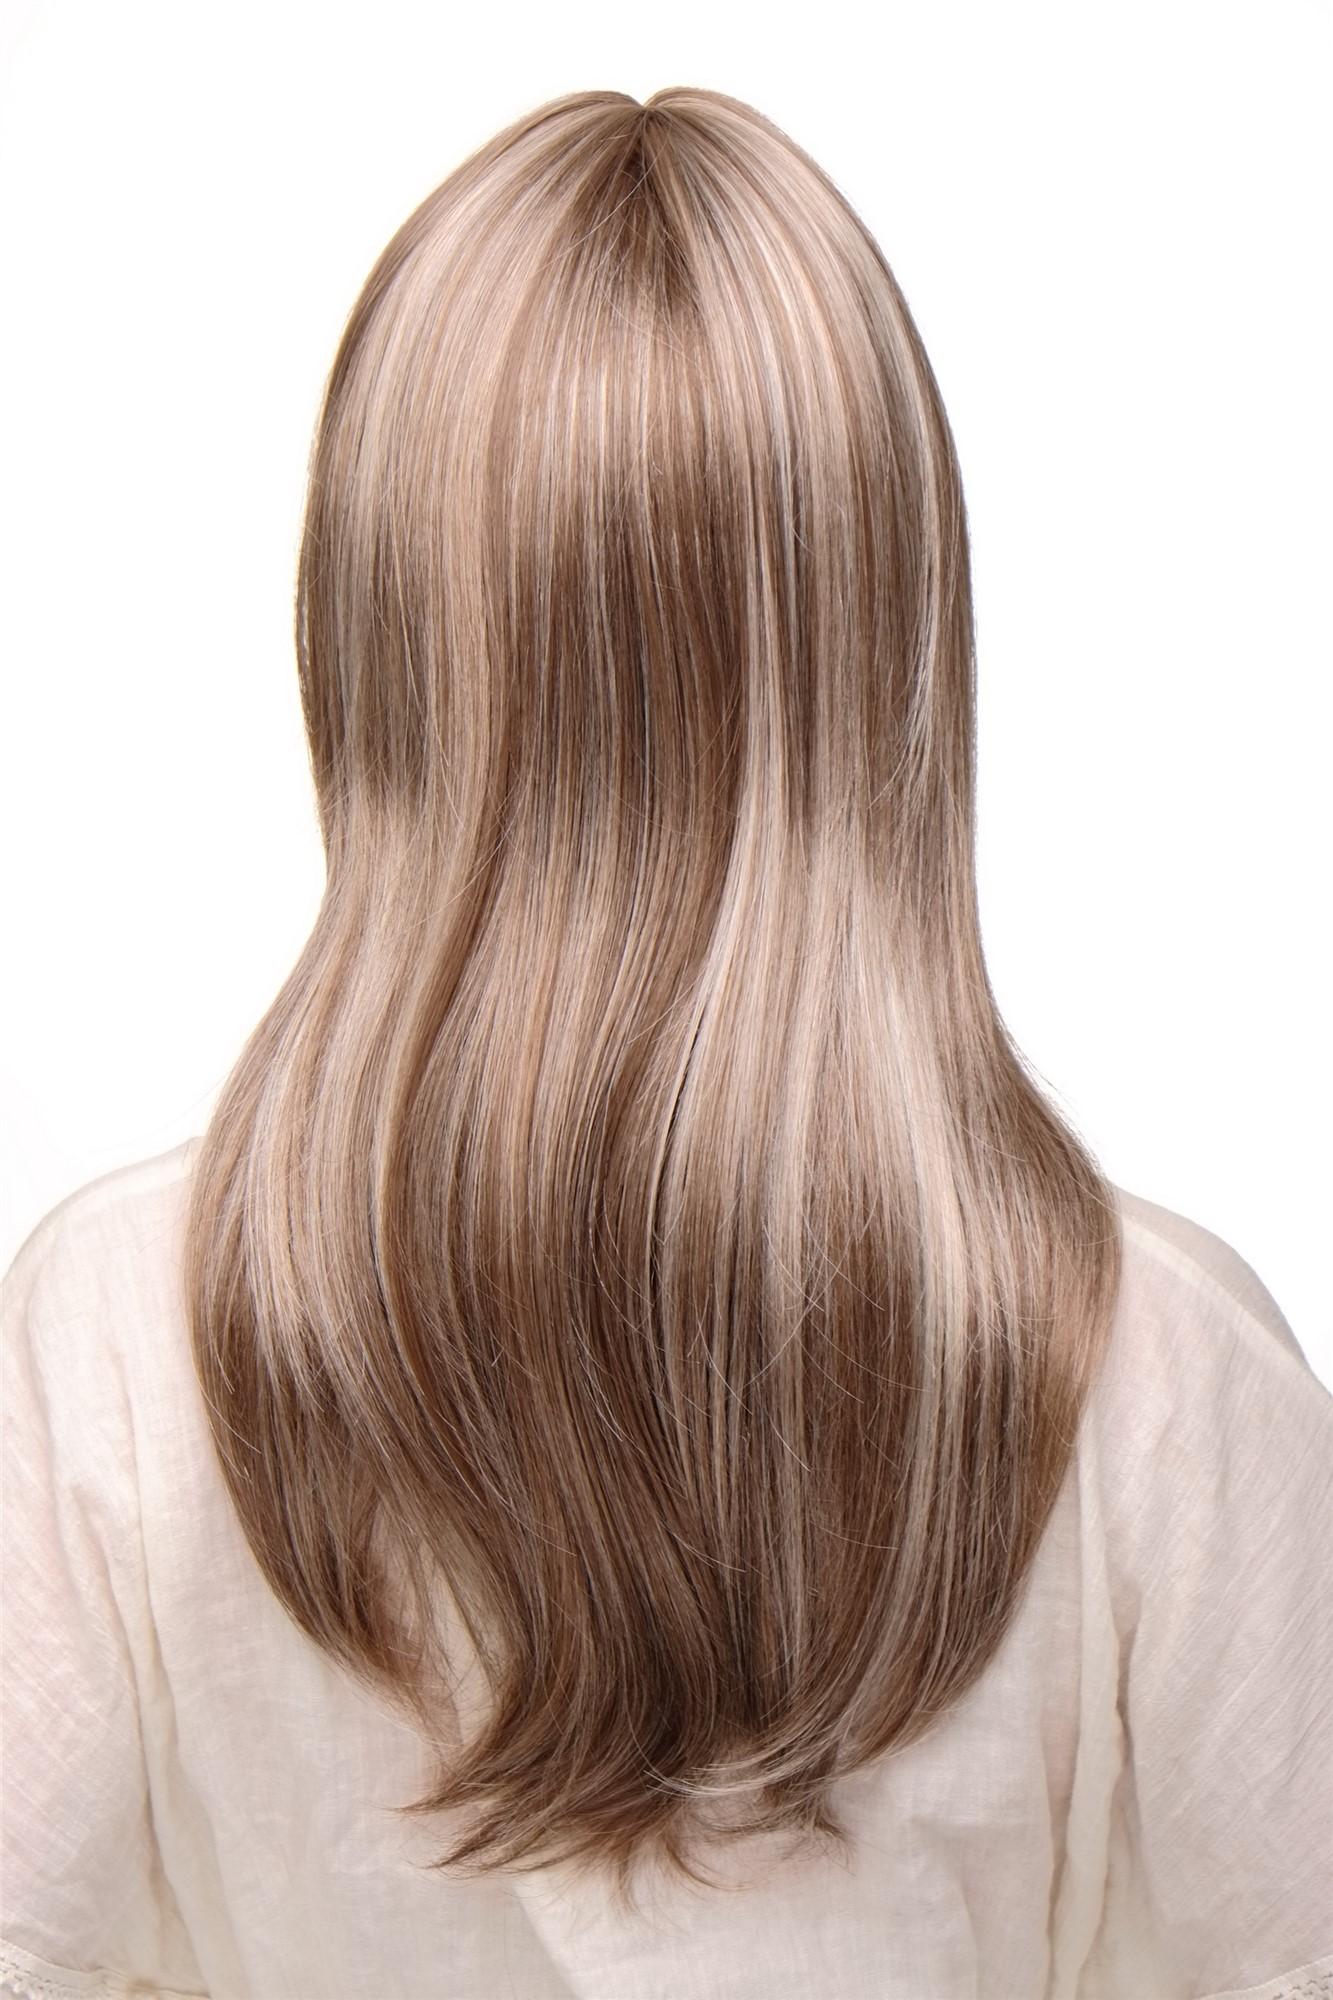 Bilder braun blonde strähnchen Frisuren Bilder